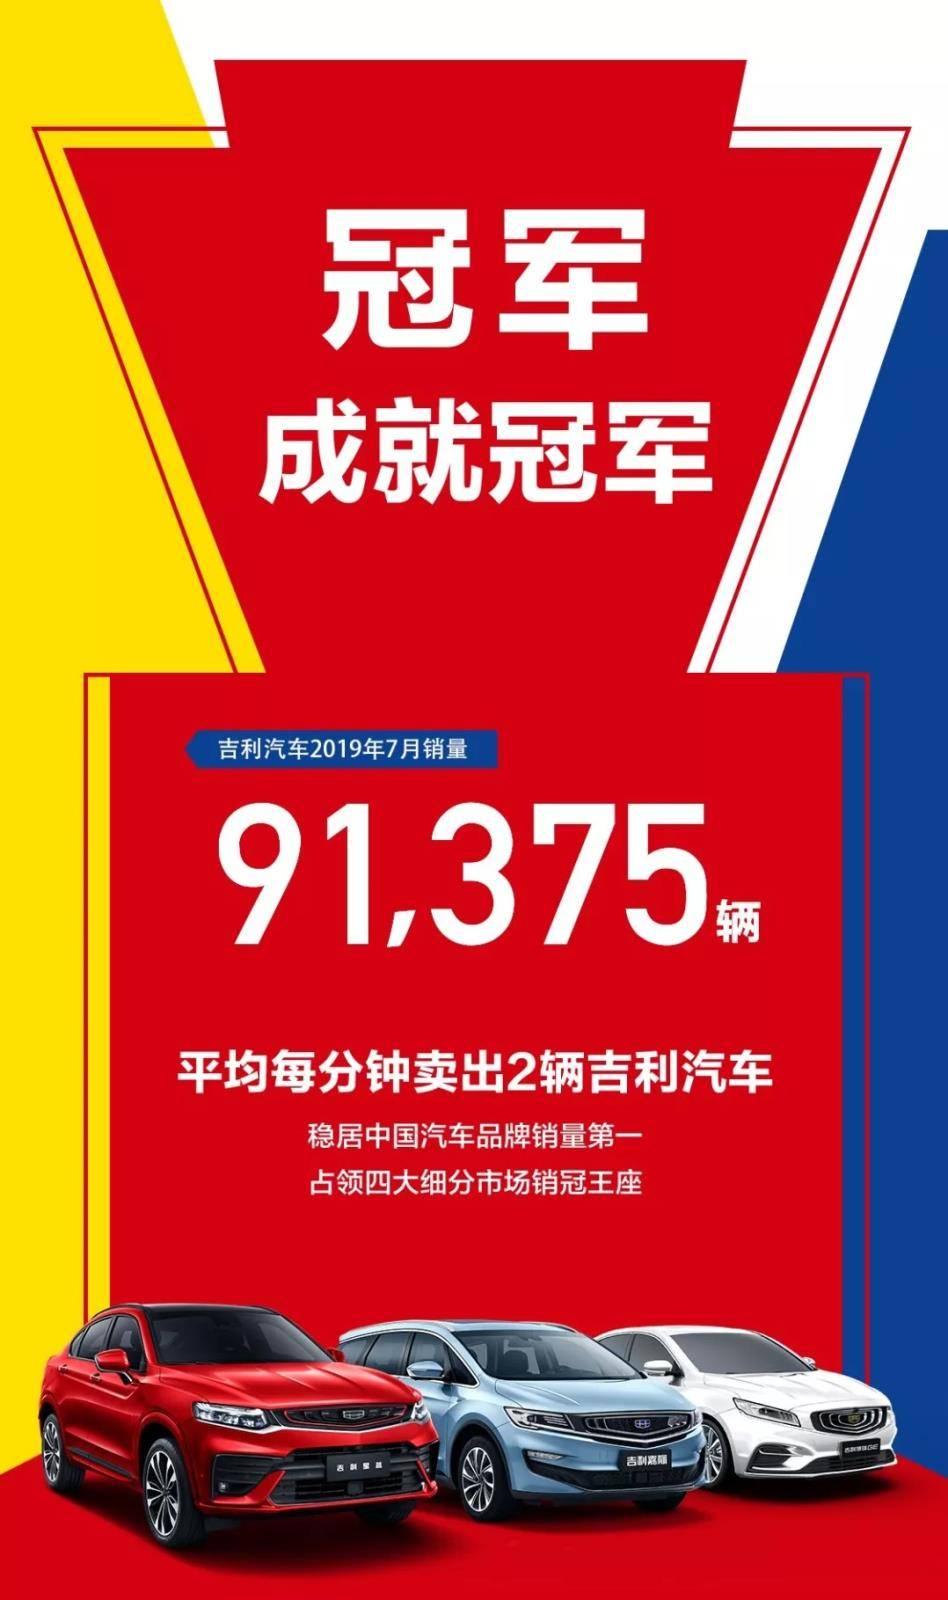 细分市场称王,吉利七月销量增长,达91375辆